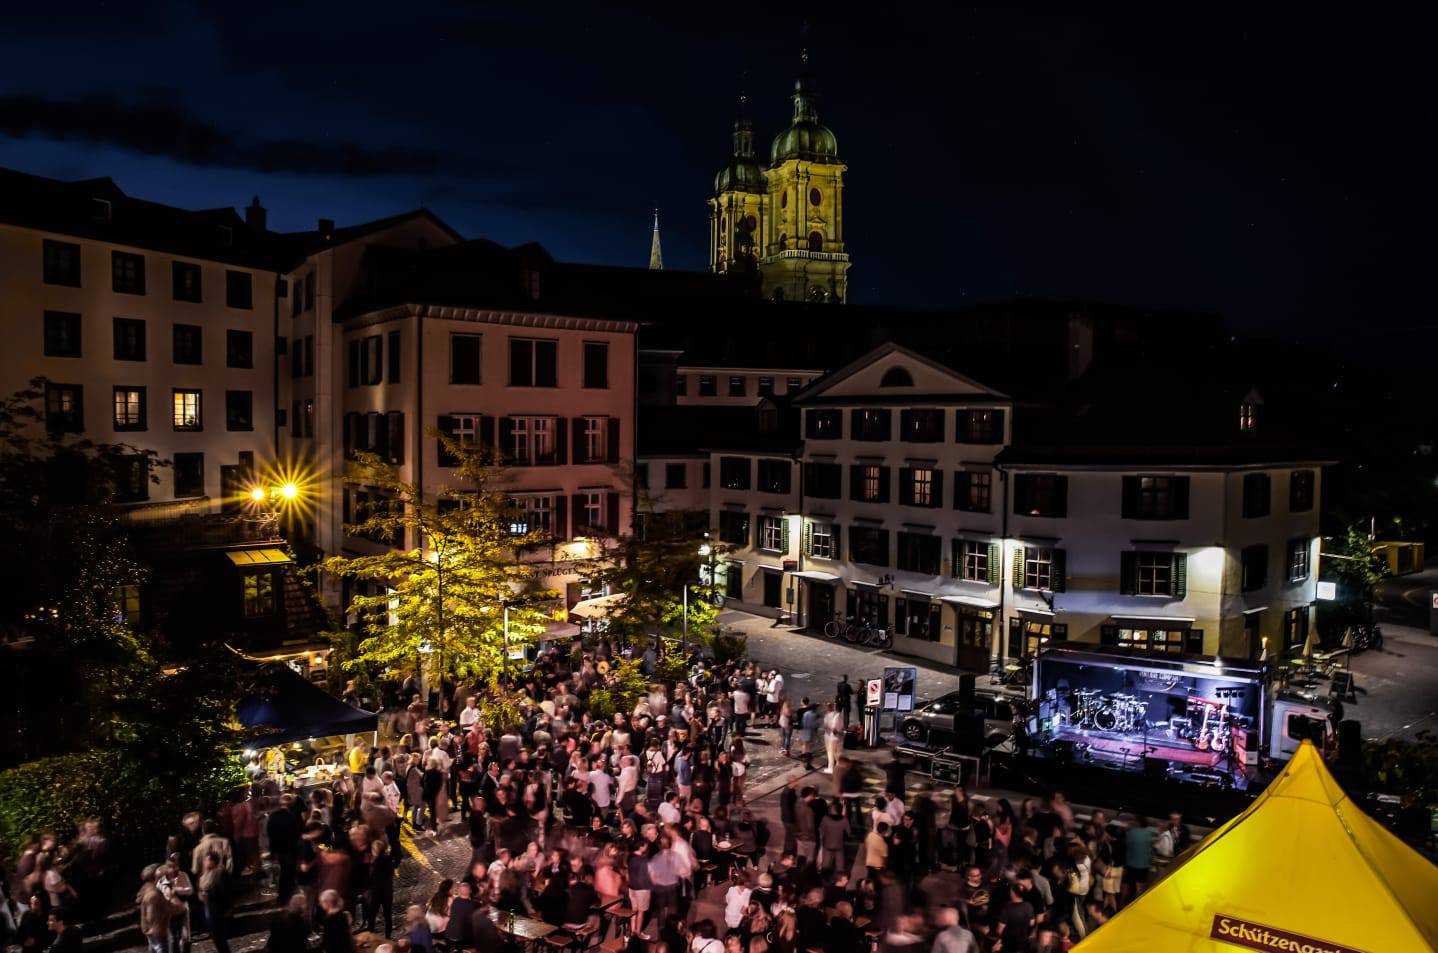 Der Pic-o-Pello-Platz wird am Wochenende zur Feststätte. (Bild: pd)